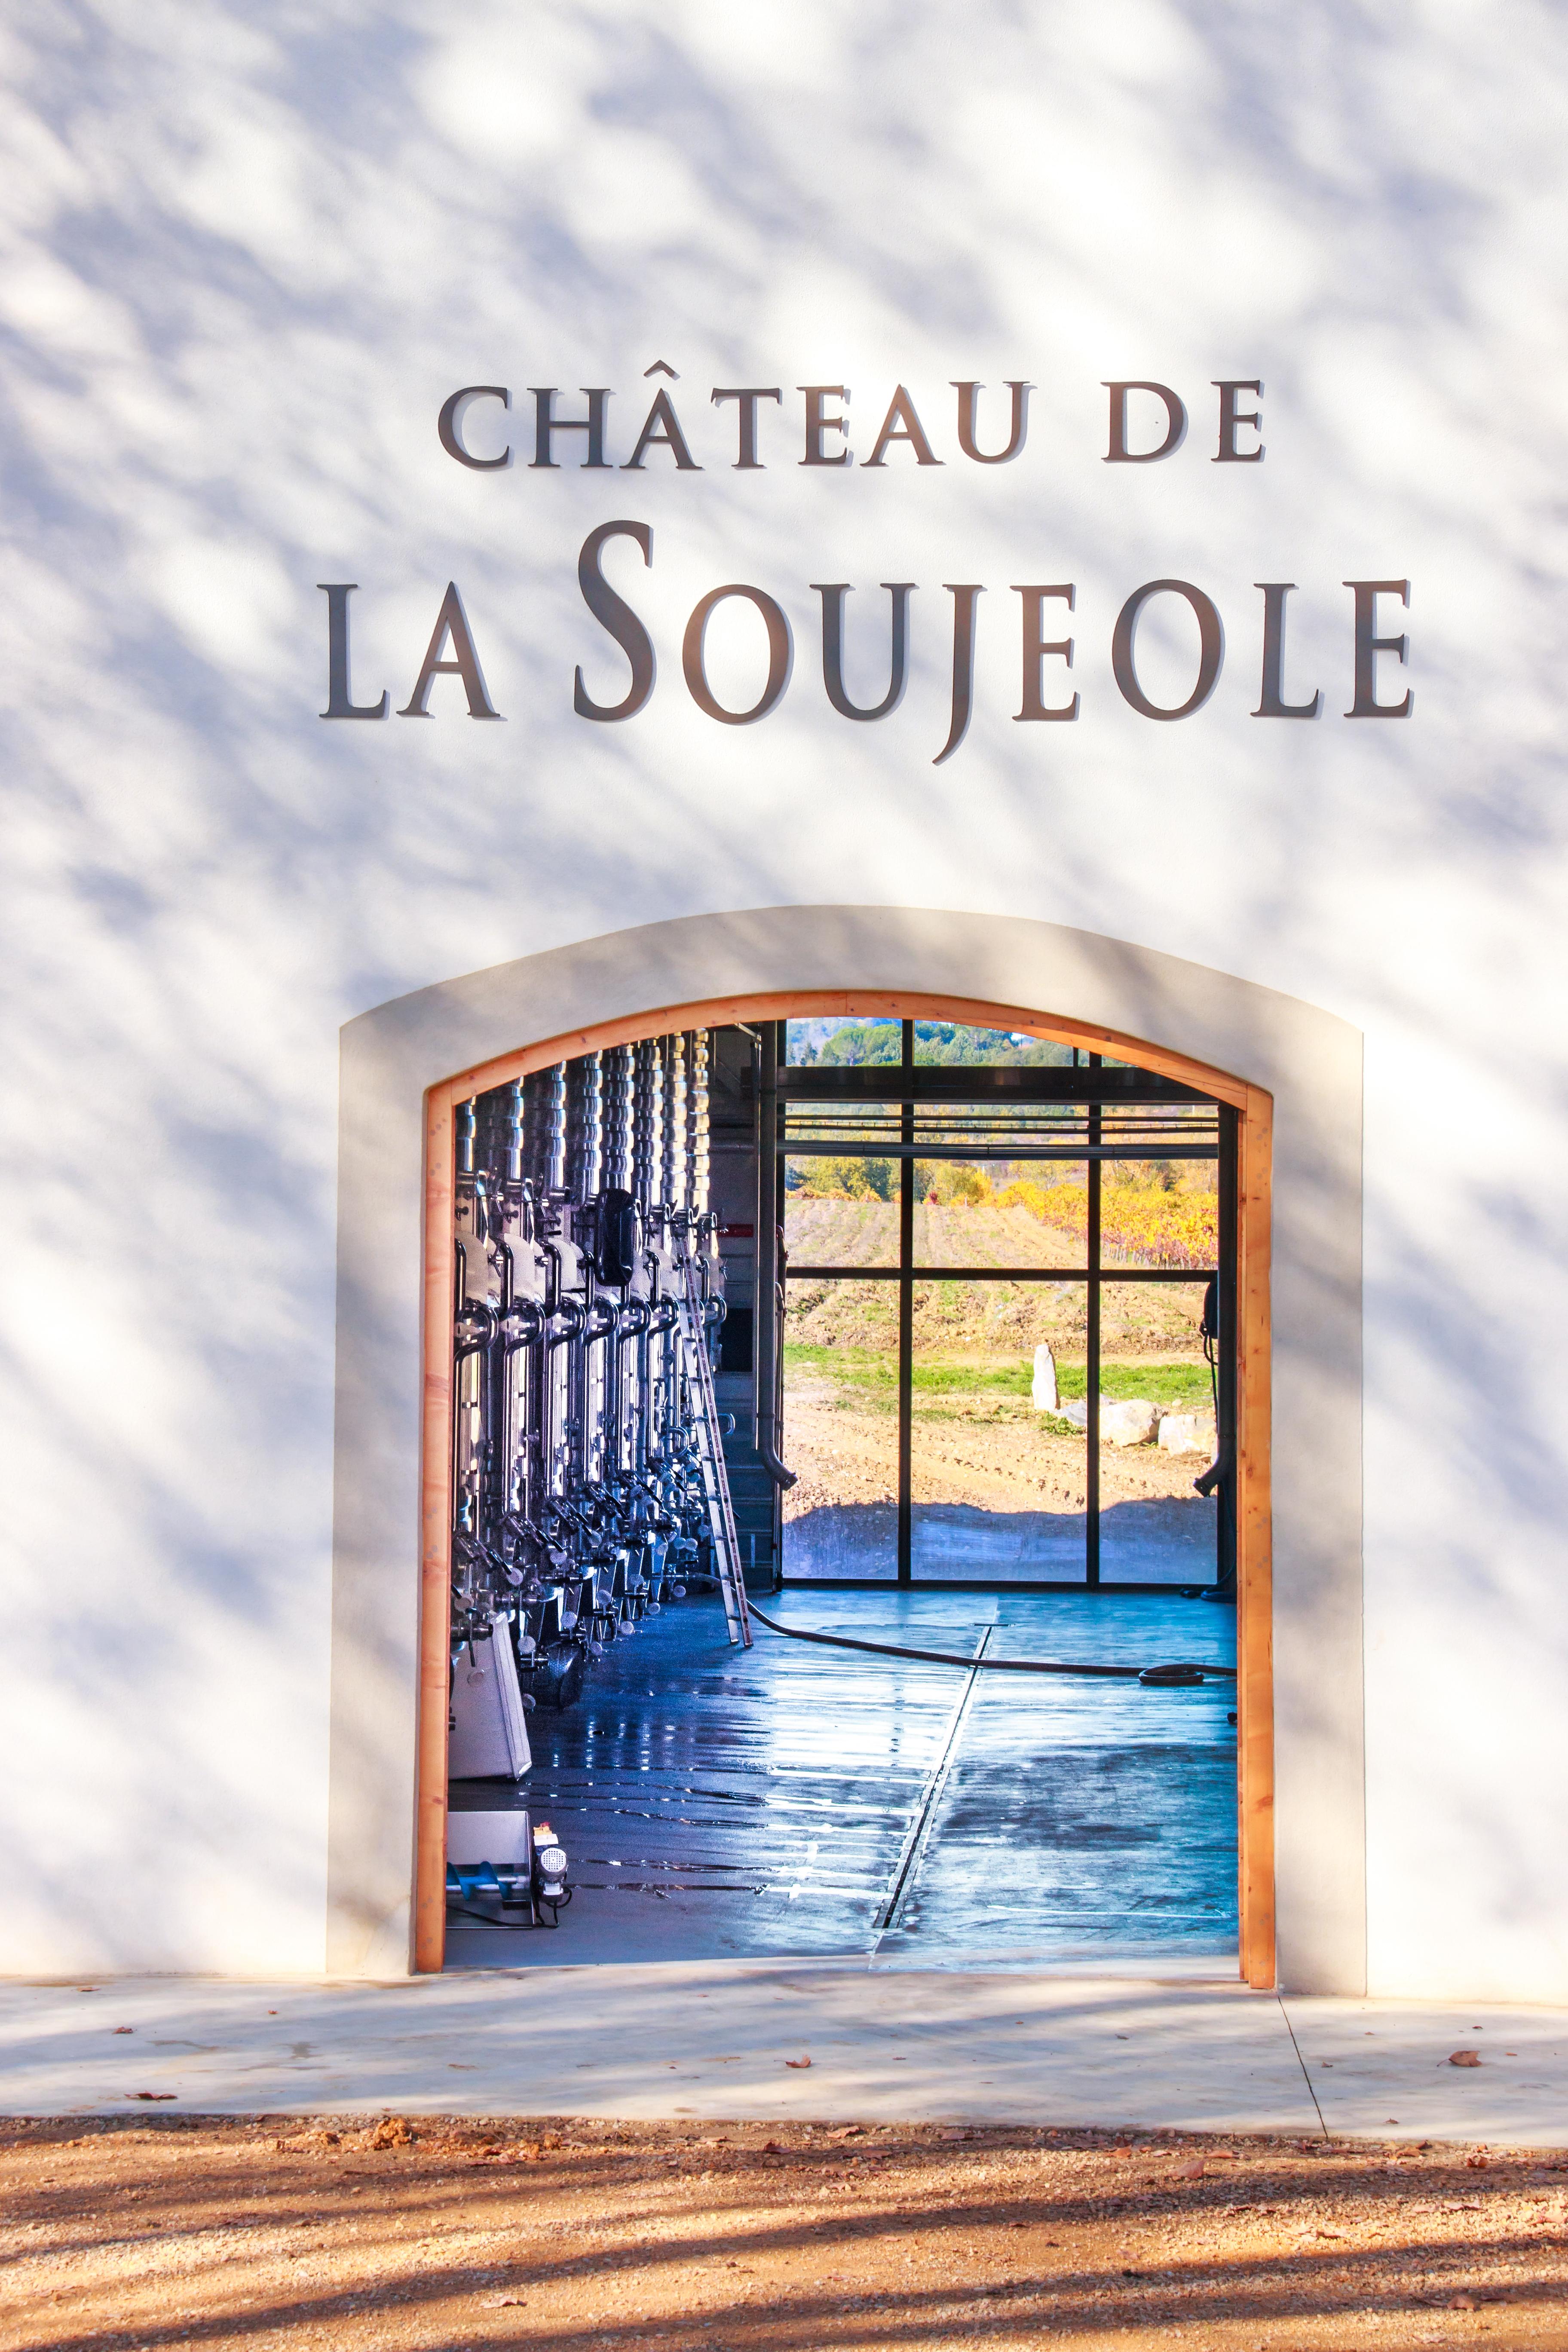 Château la Soujeole,